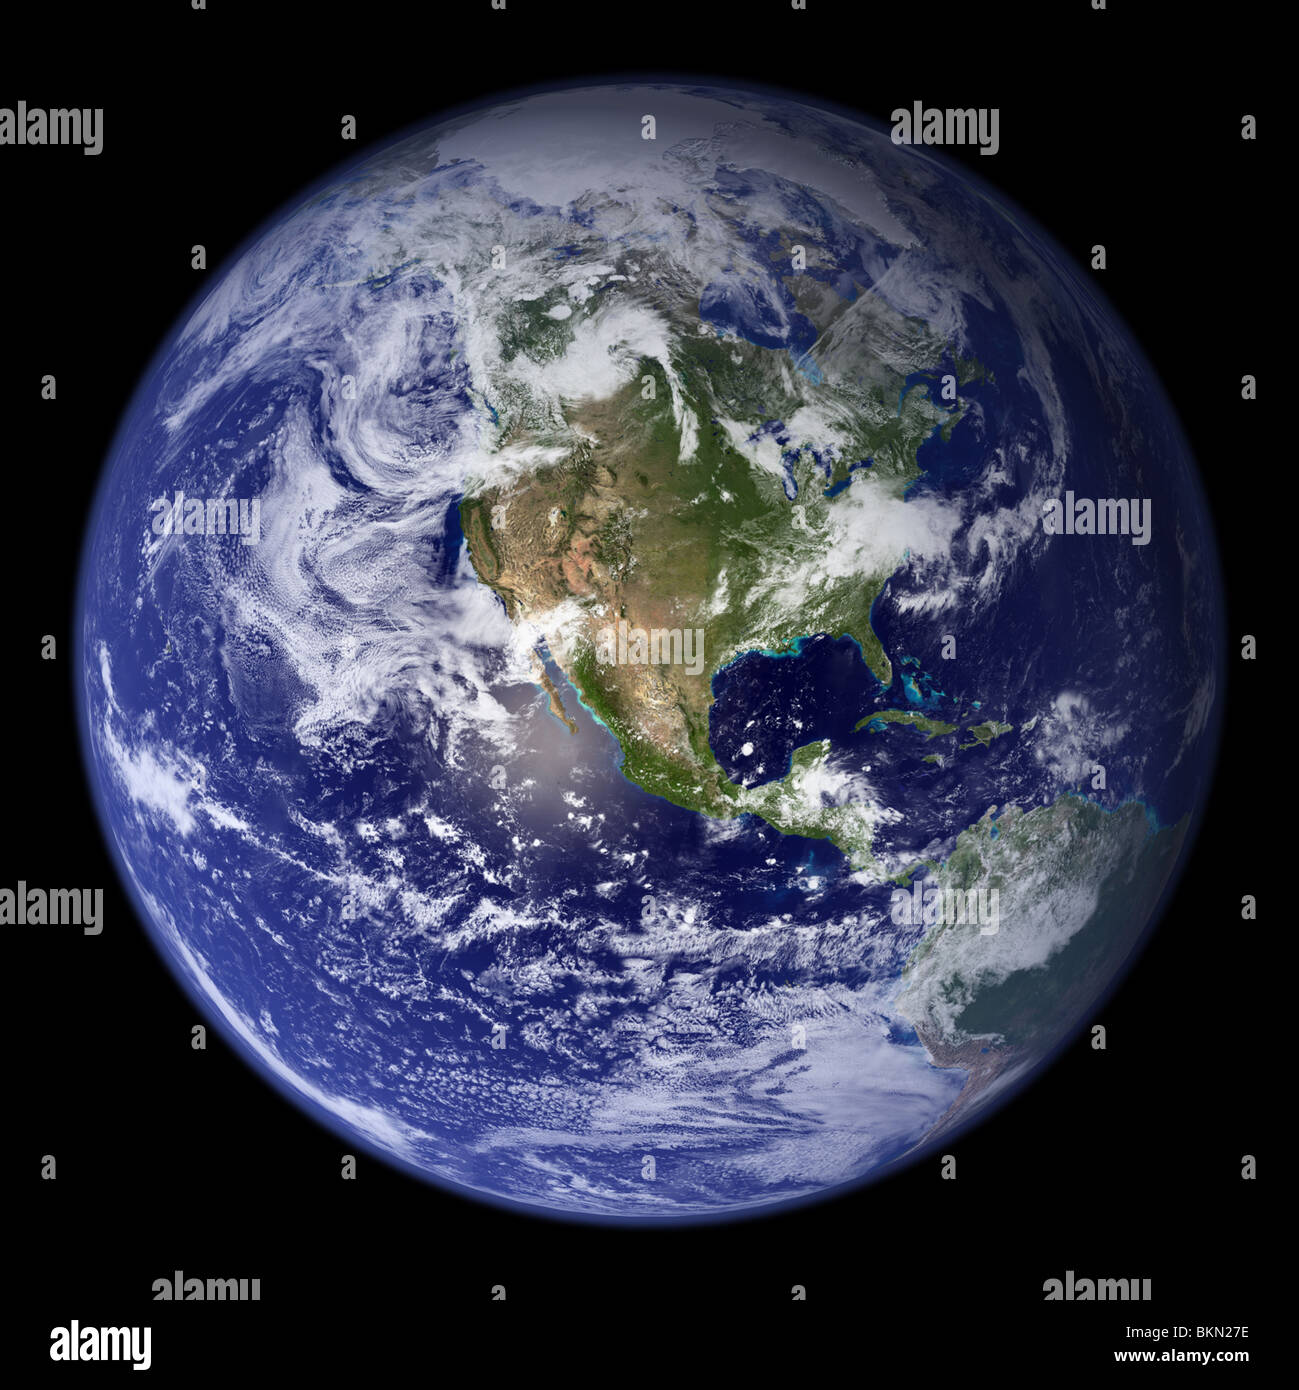 Terre vue de l'espace, avec l'Amérique du visible. Photo Stock